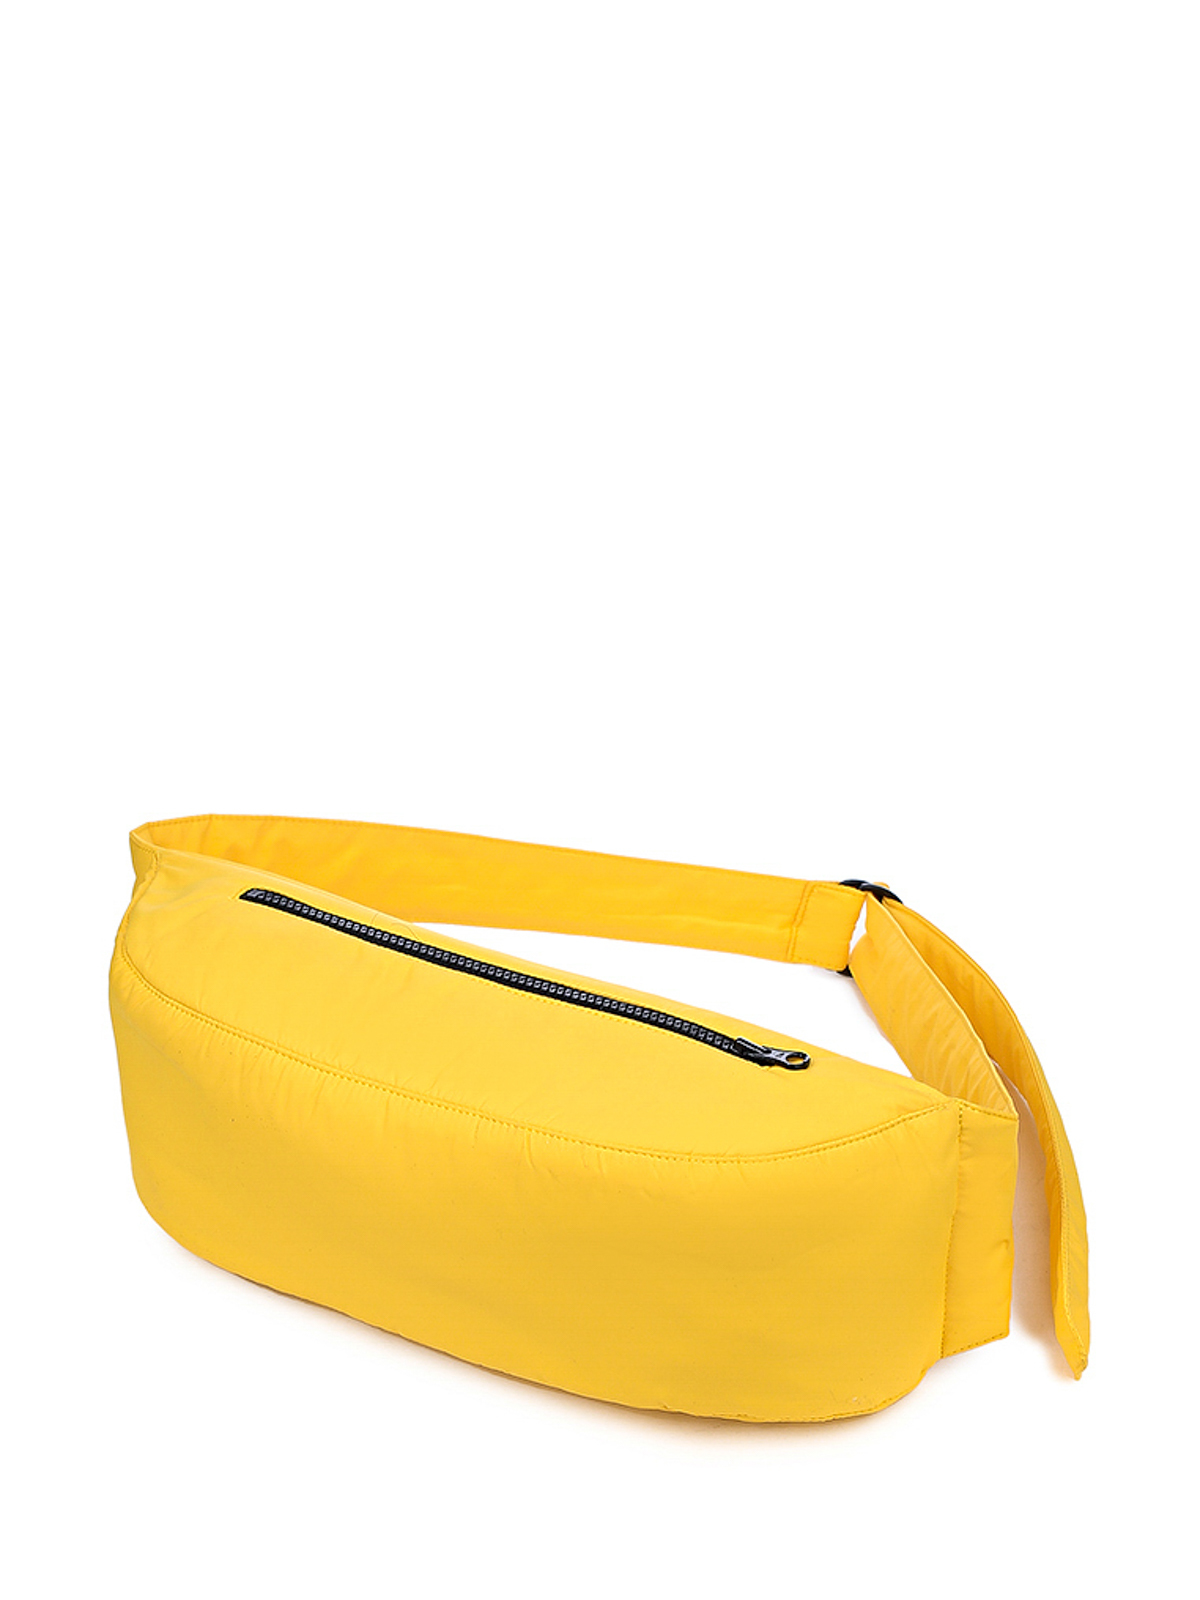 Сумка поясная горчица (FW0510)